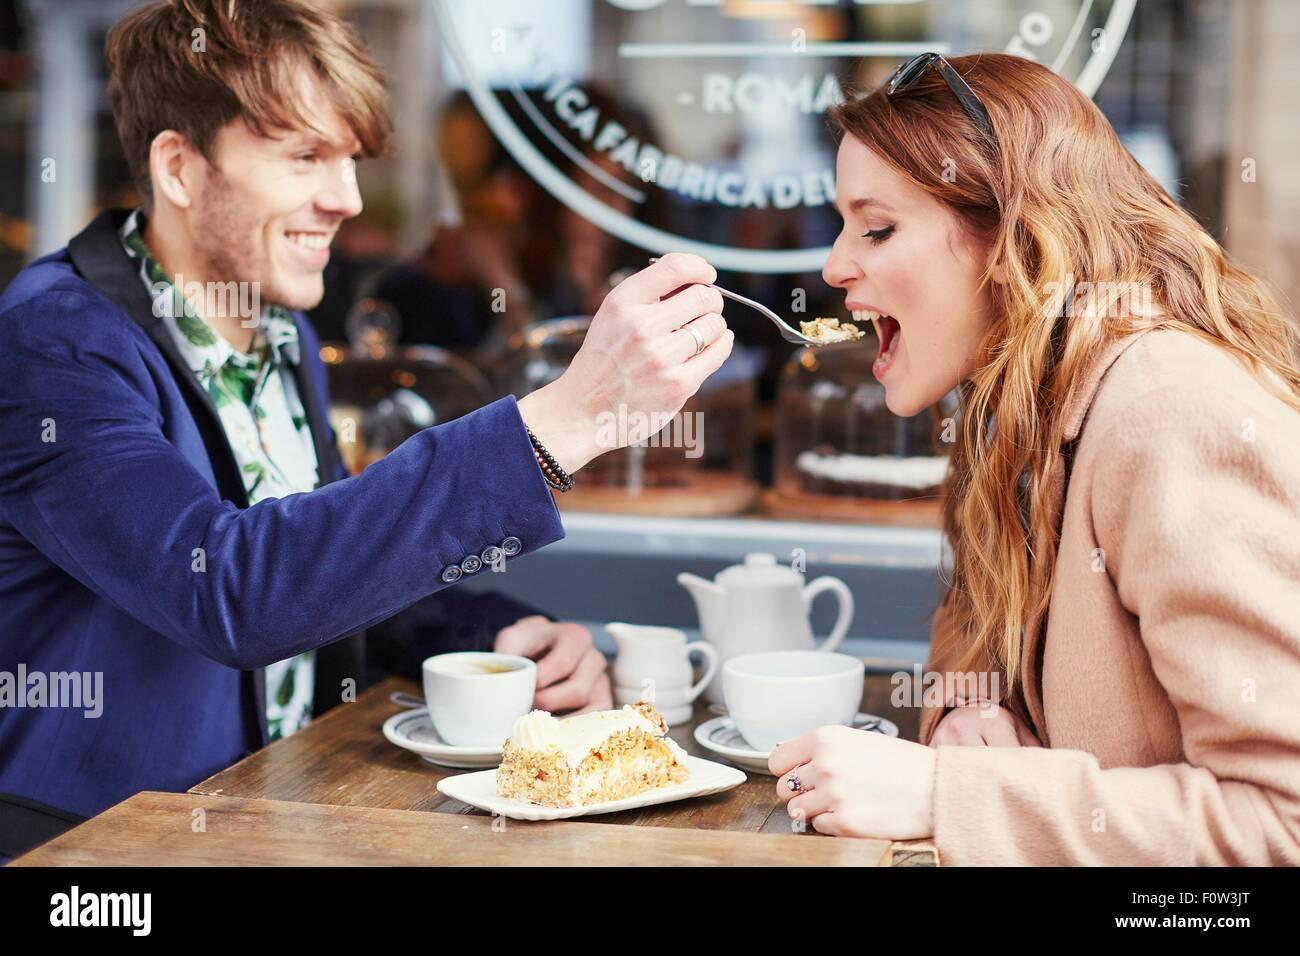 El hombre alimenta pastel a novia a café en la acera, Londres, Reino Unido. Imagen De Stock